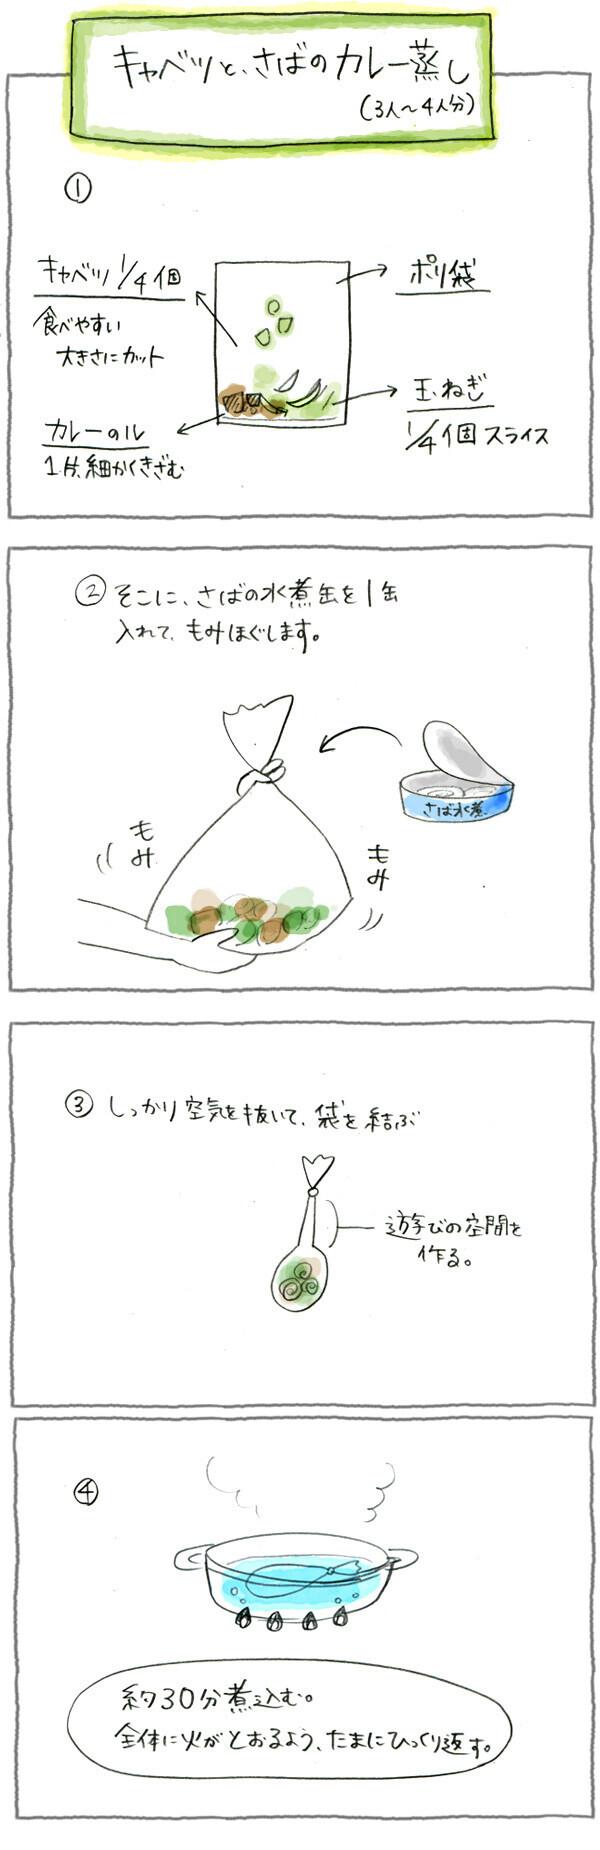 災害時に役立つ魔法の調理法「パッククッキング」Vol.2 レトルト食品を使って作る、カレー&親子丼